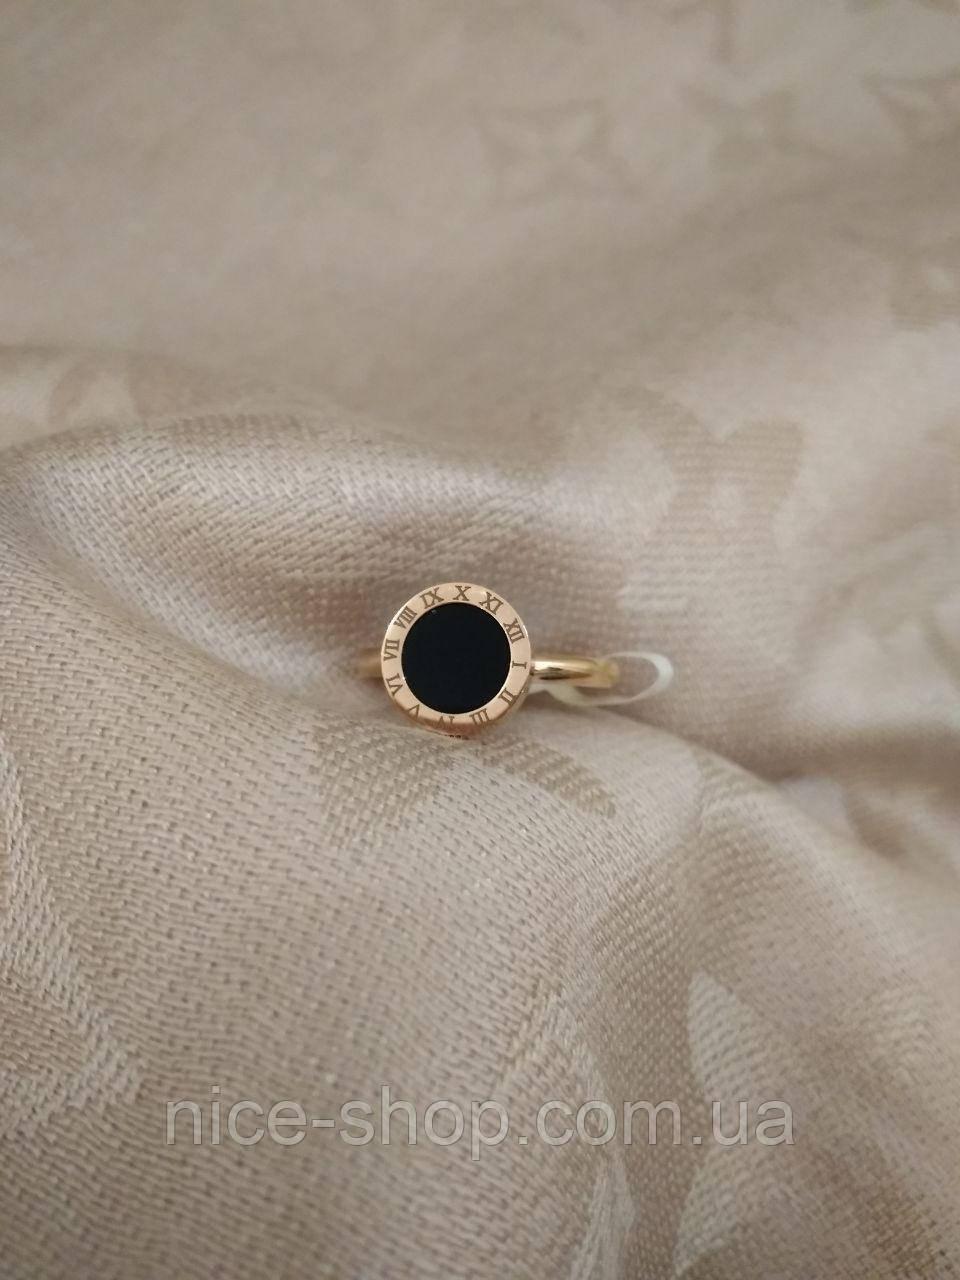 Кольцо в стиле Bvlgari, фото 1